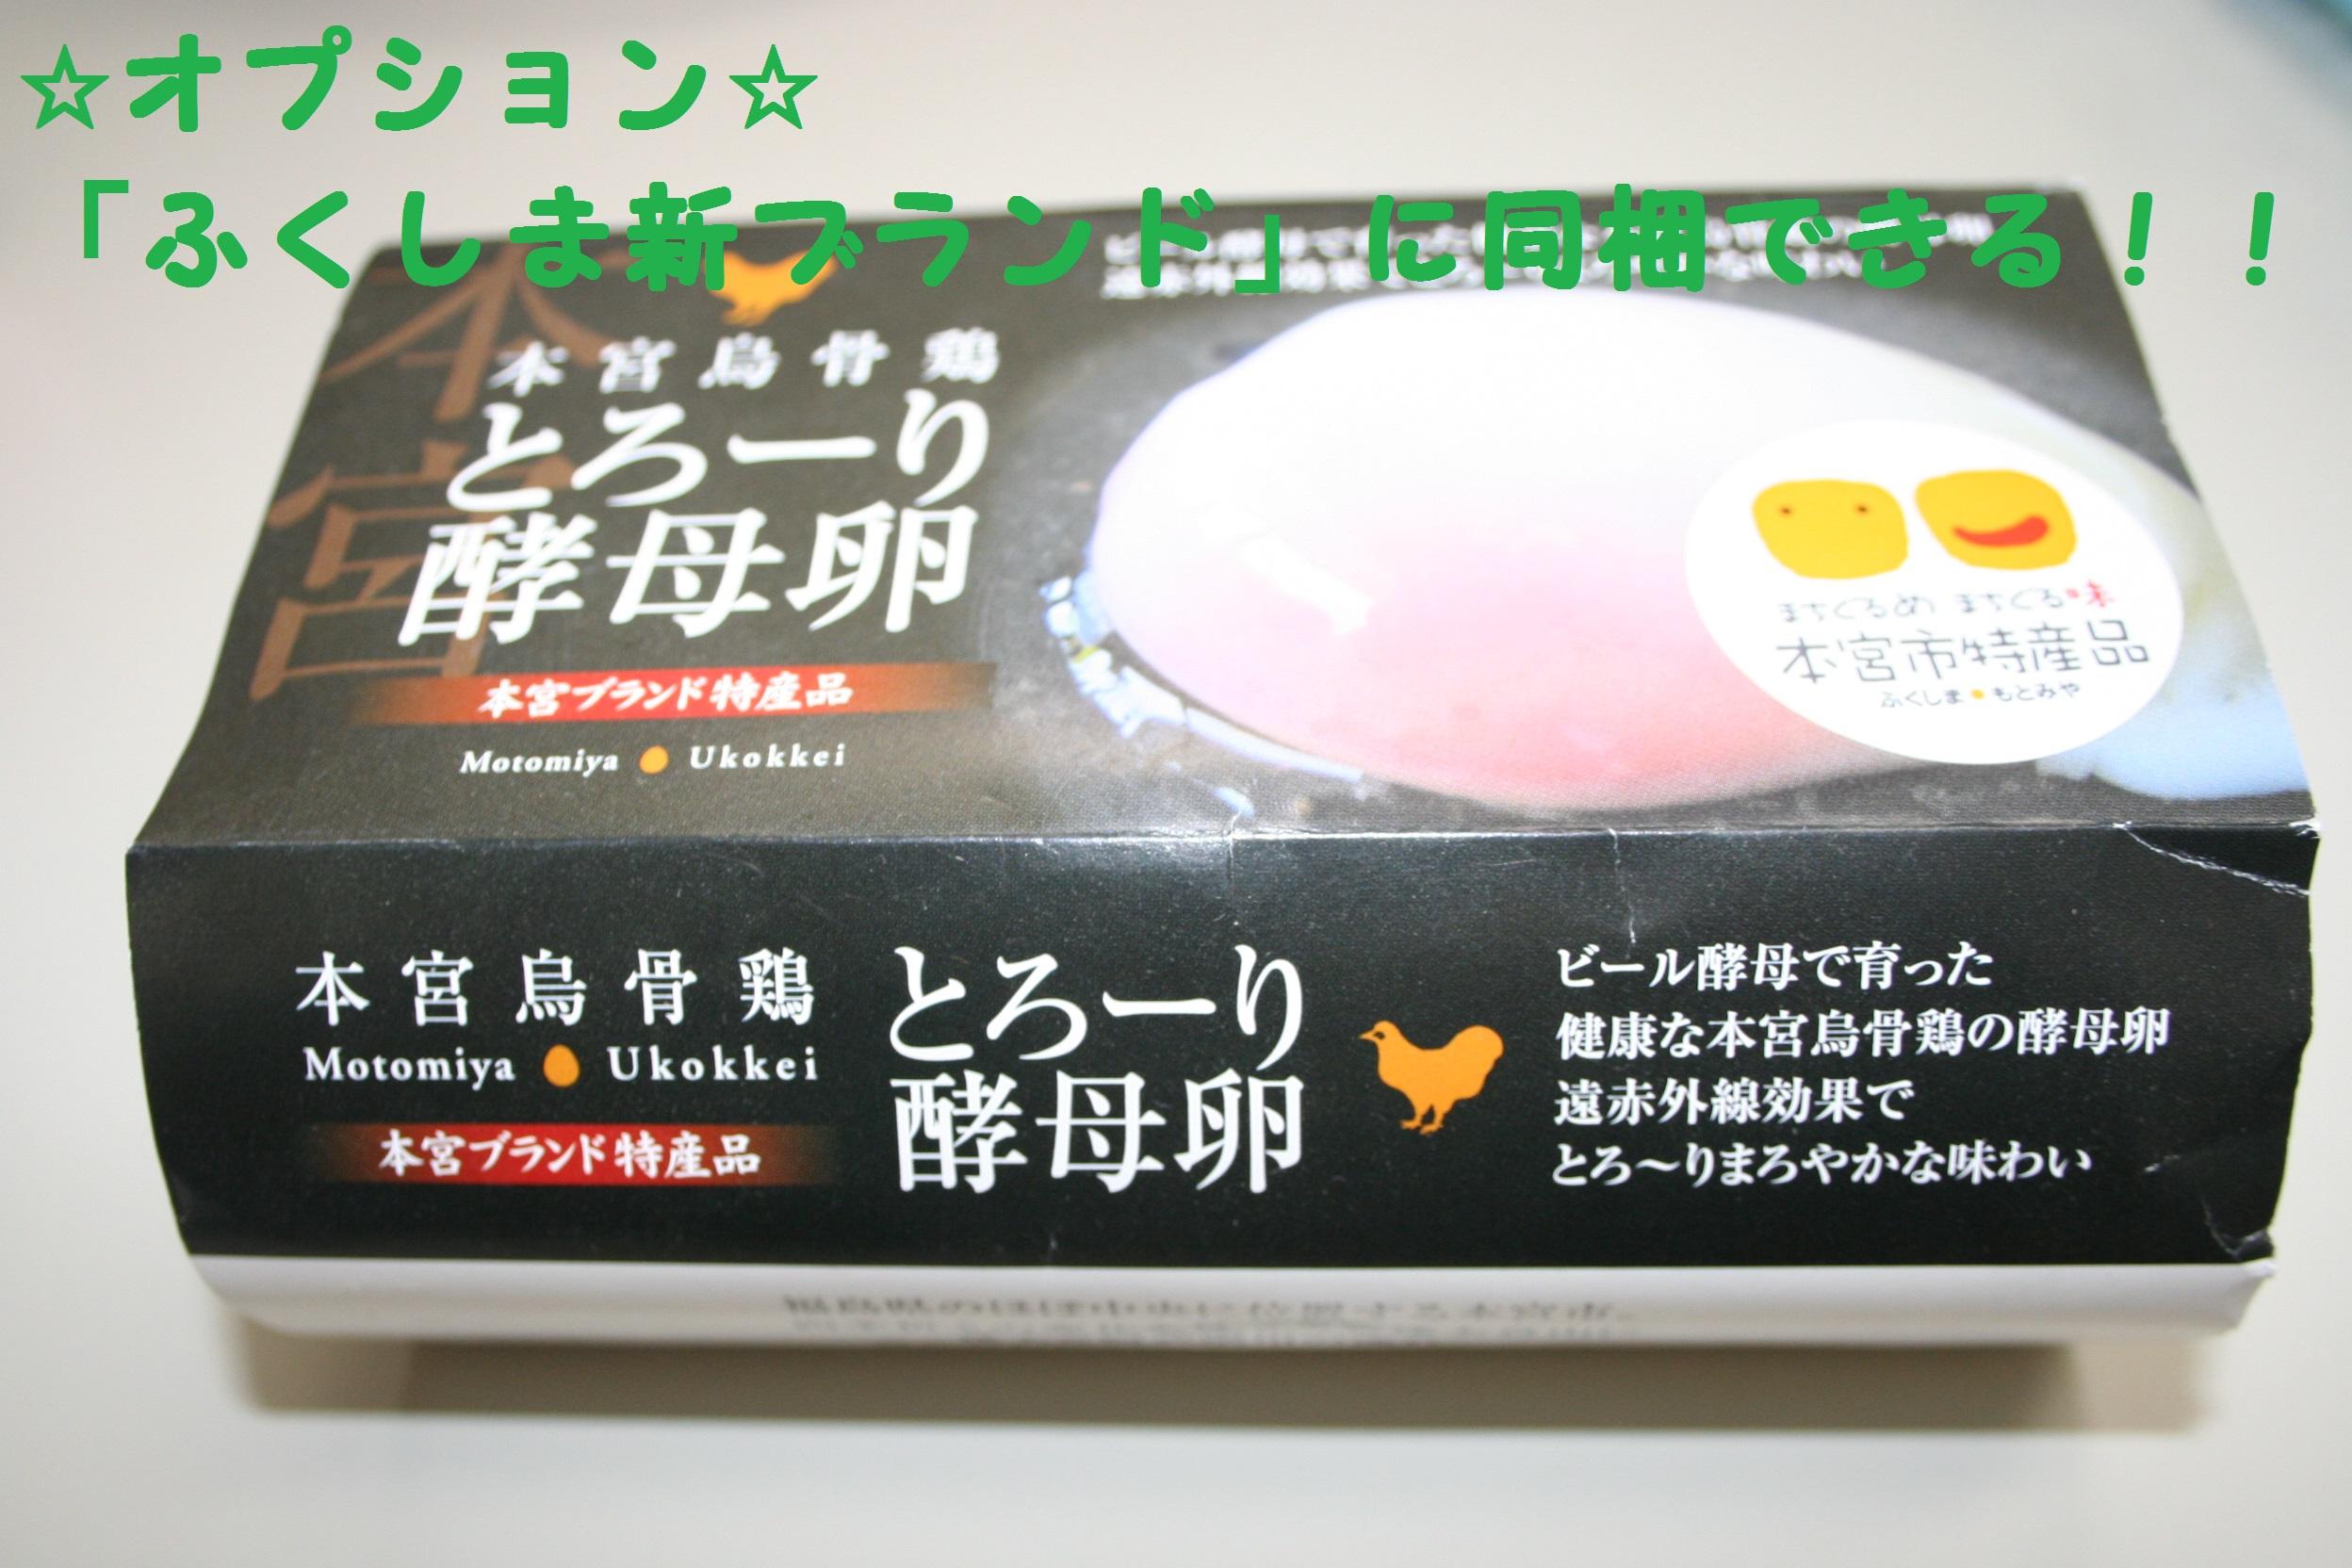 <次回4/24(月)分に同梱します>ふくしま新ブランドオプション【本宮烏骨鶏のとろーり酵母卵(温泉卵)6個入】